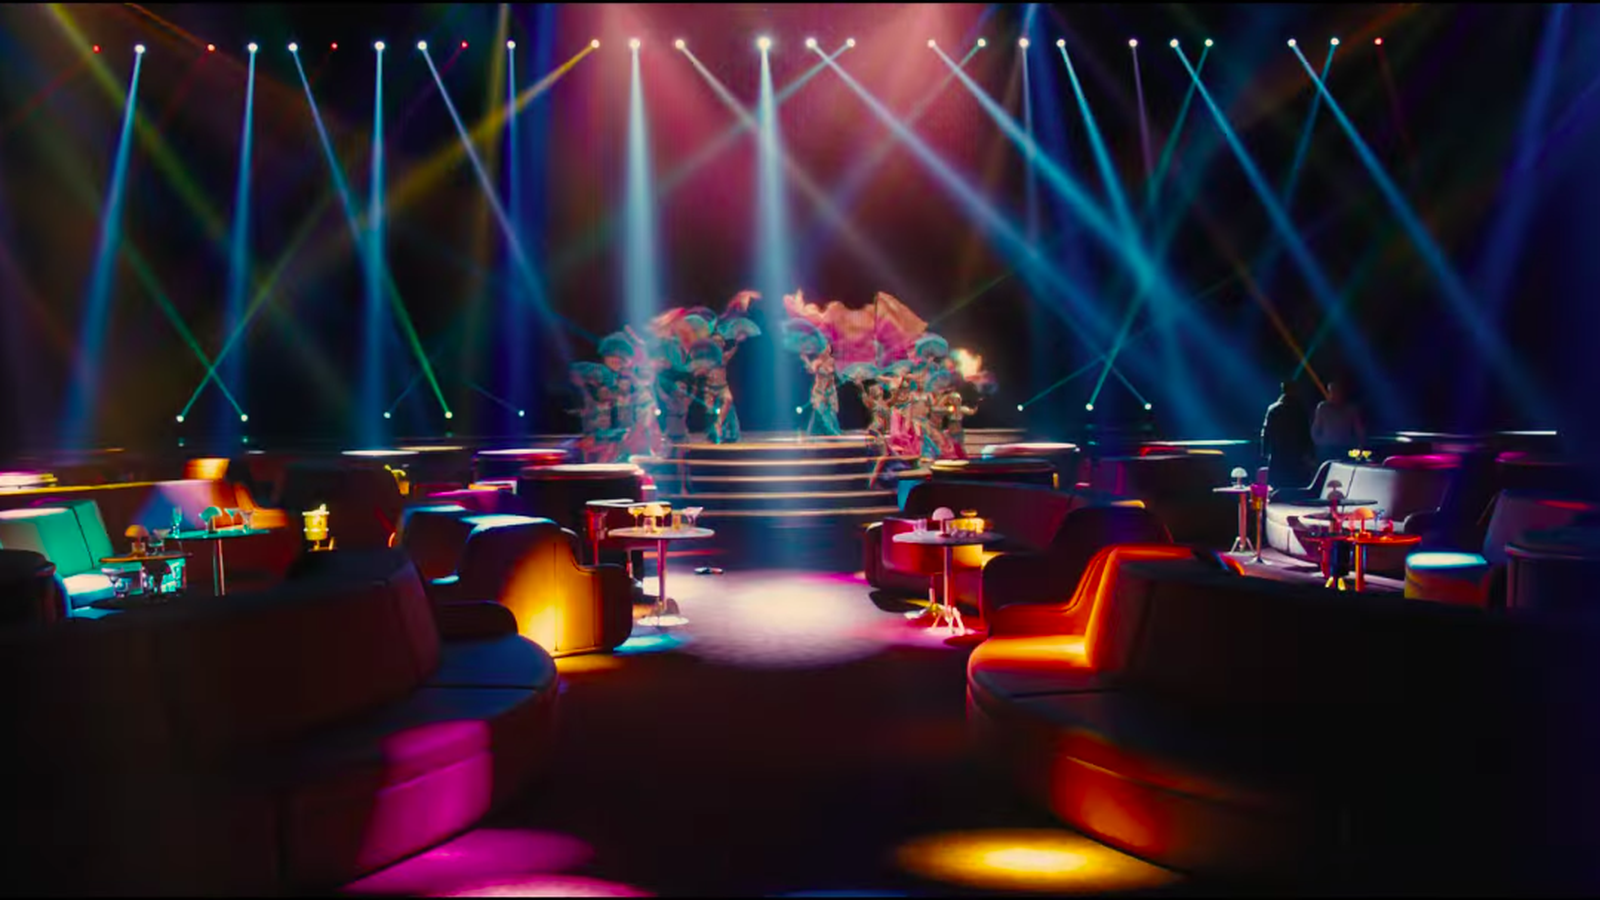 Blade Runner 2049 – Bộ phim không dành cho những kẻ lười nhác! - Ảnh 2.